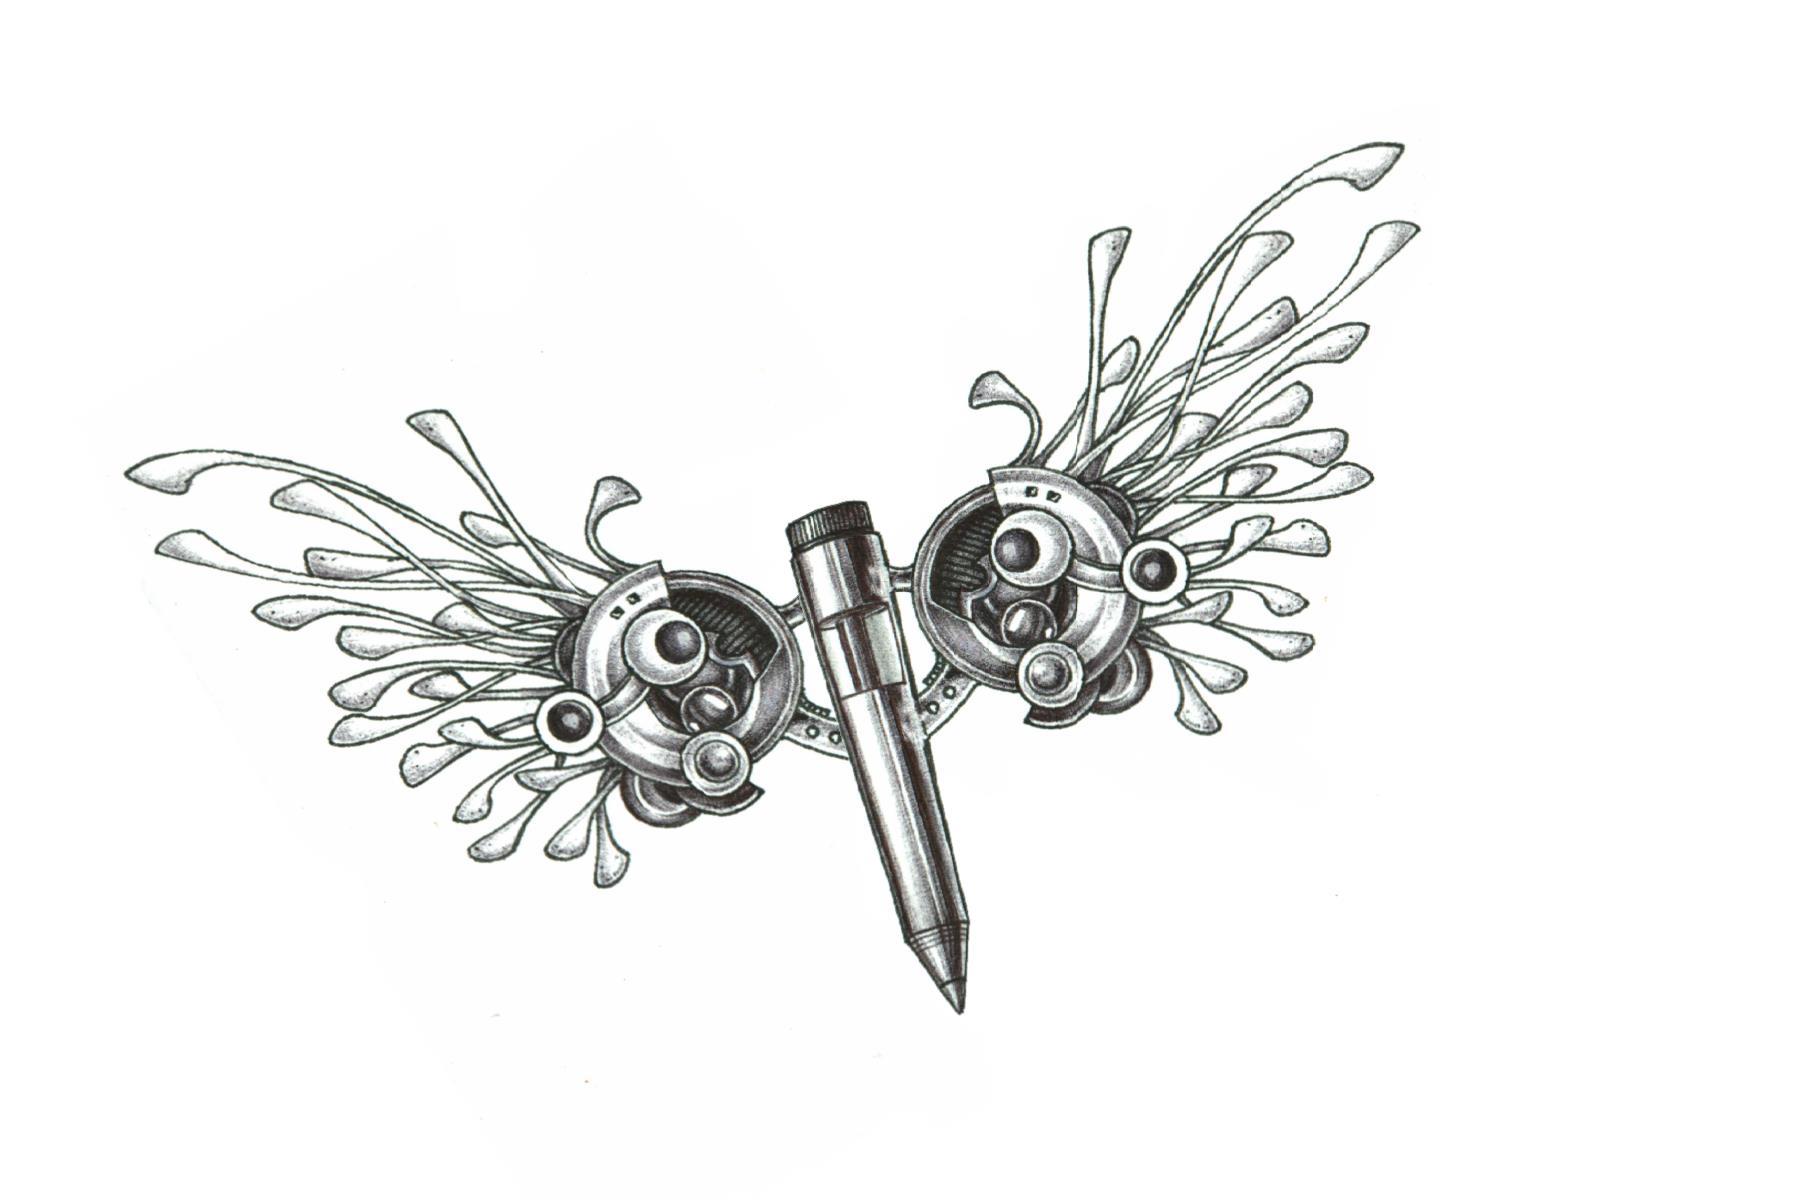 2014 pencil wing design